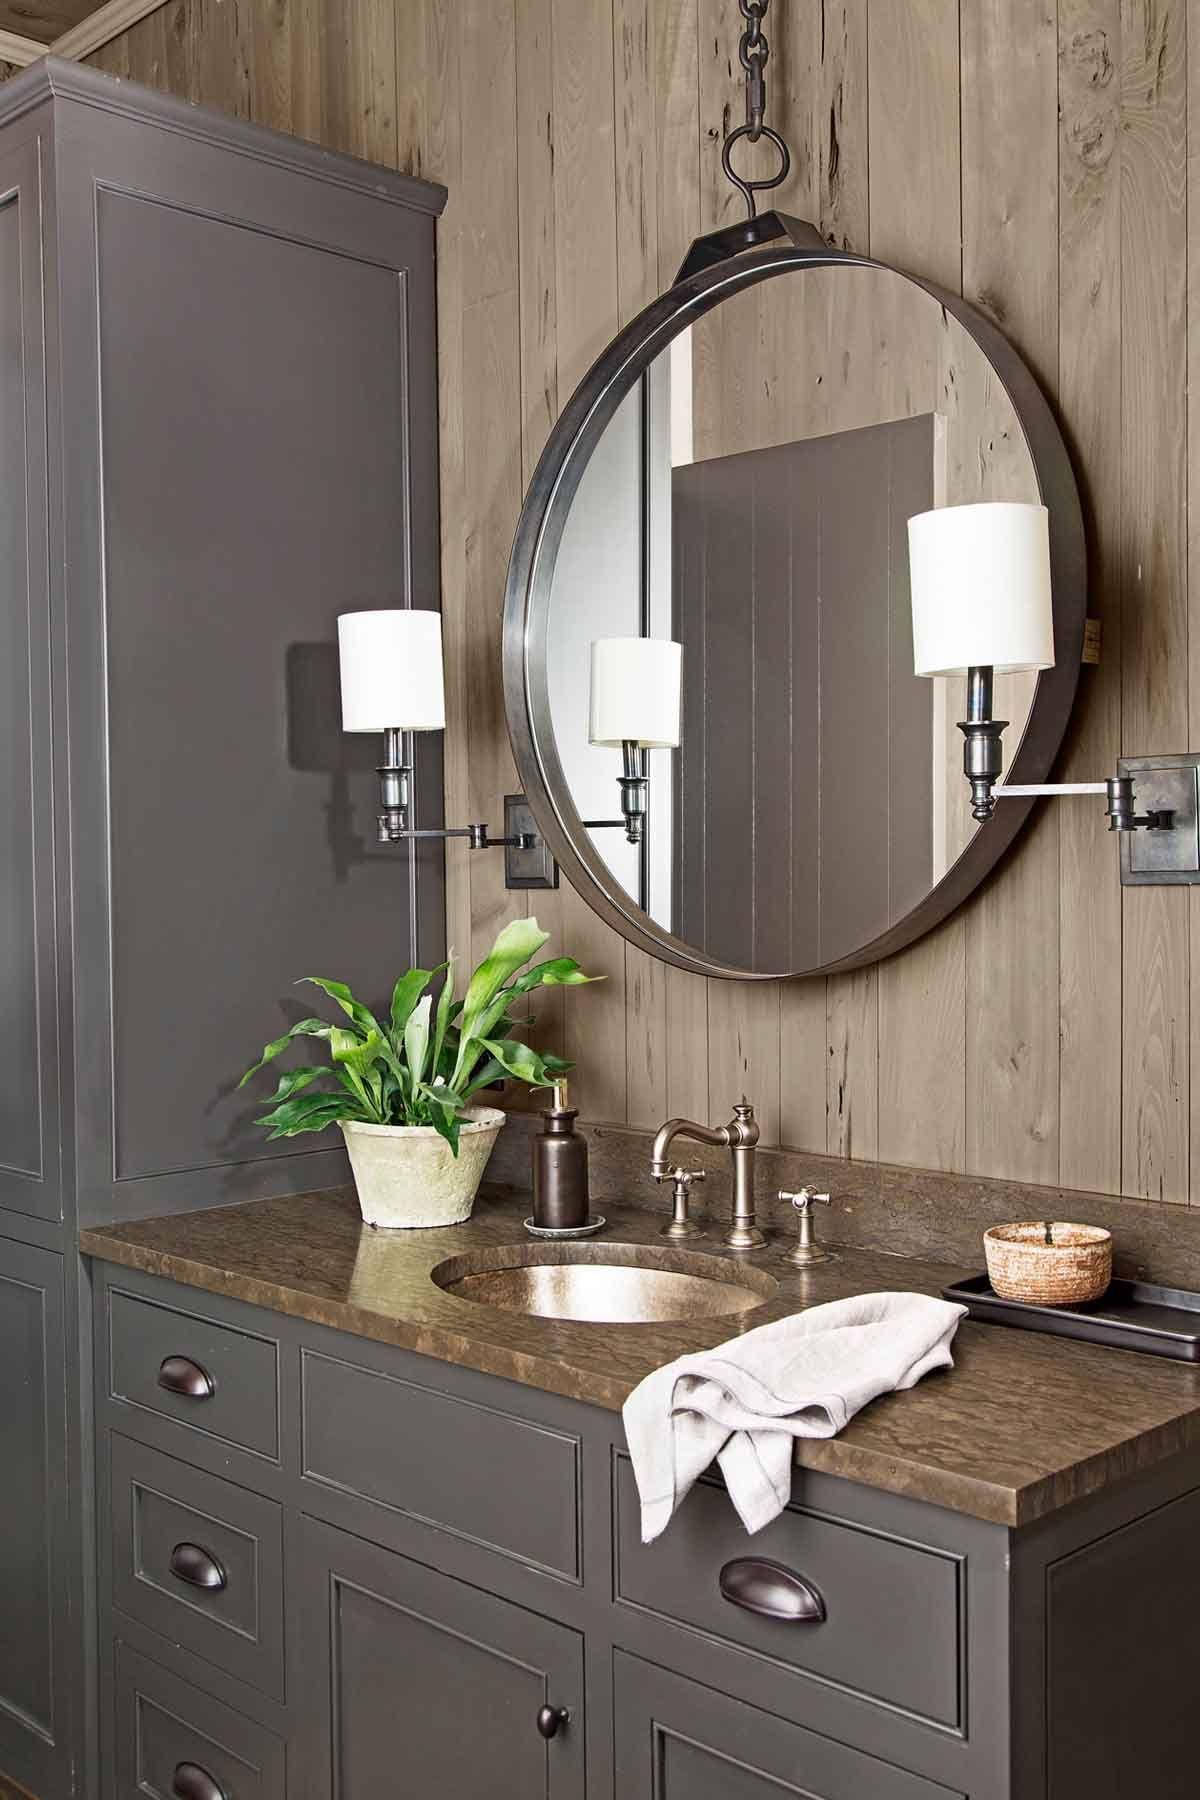 37 Rustic Bathroom Decor Ideas - Rustic Modern Bathroom ... on Rustic Farmhouse Bathroom  id=35938